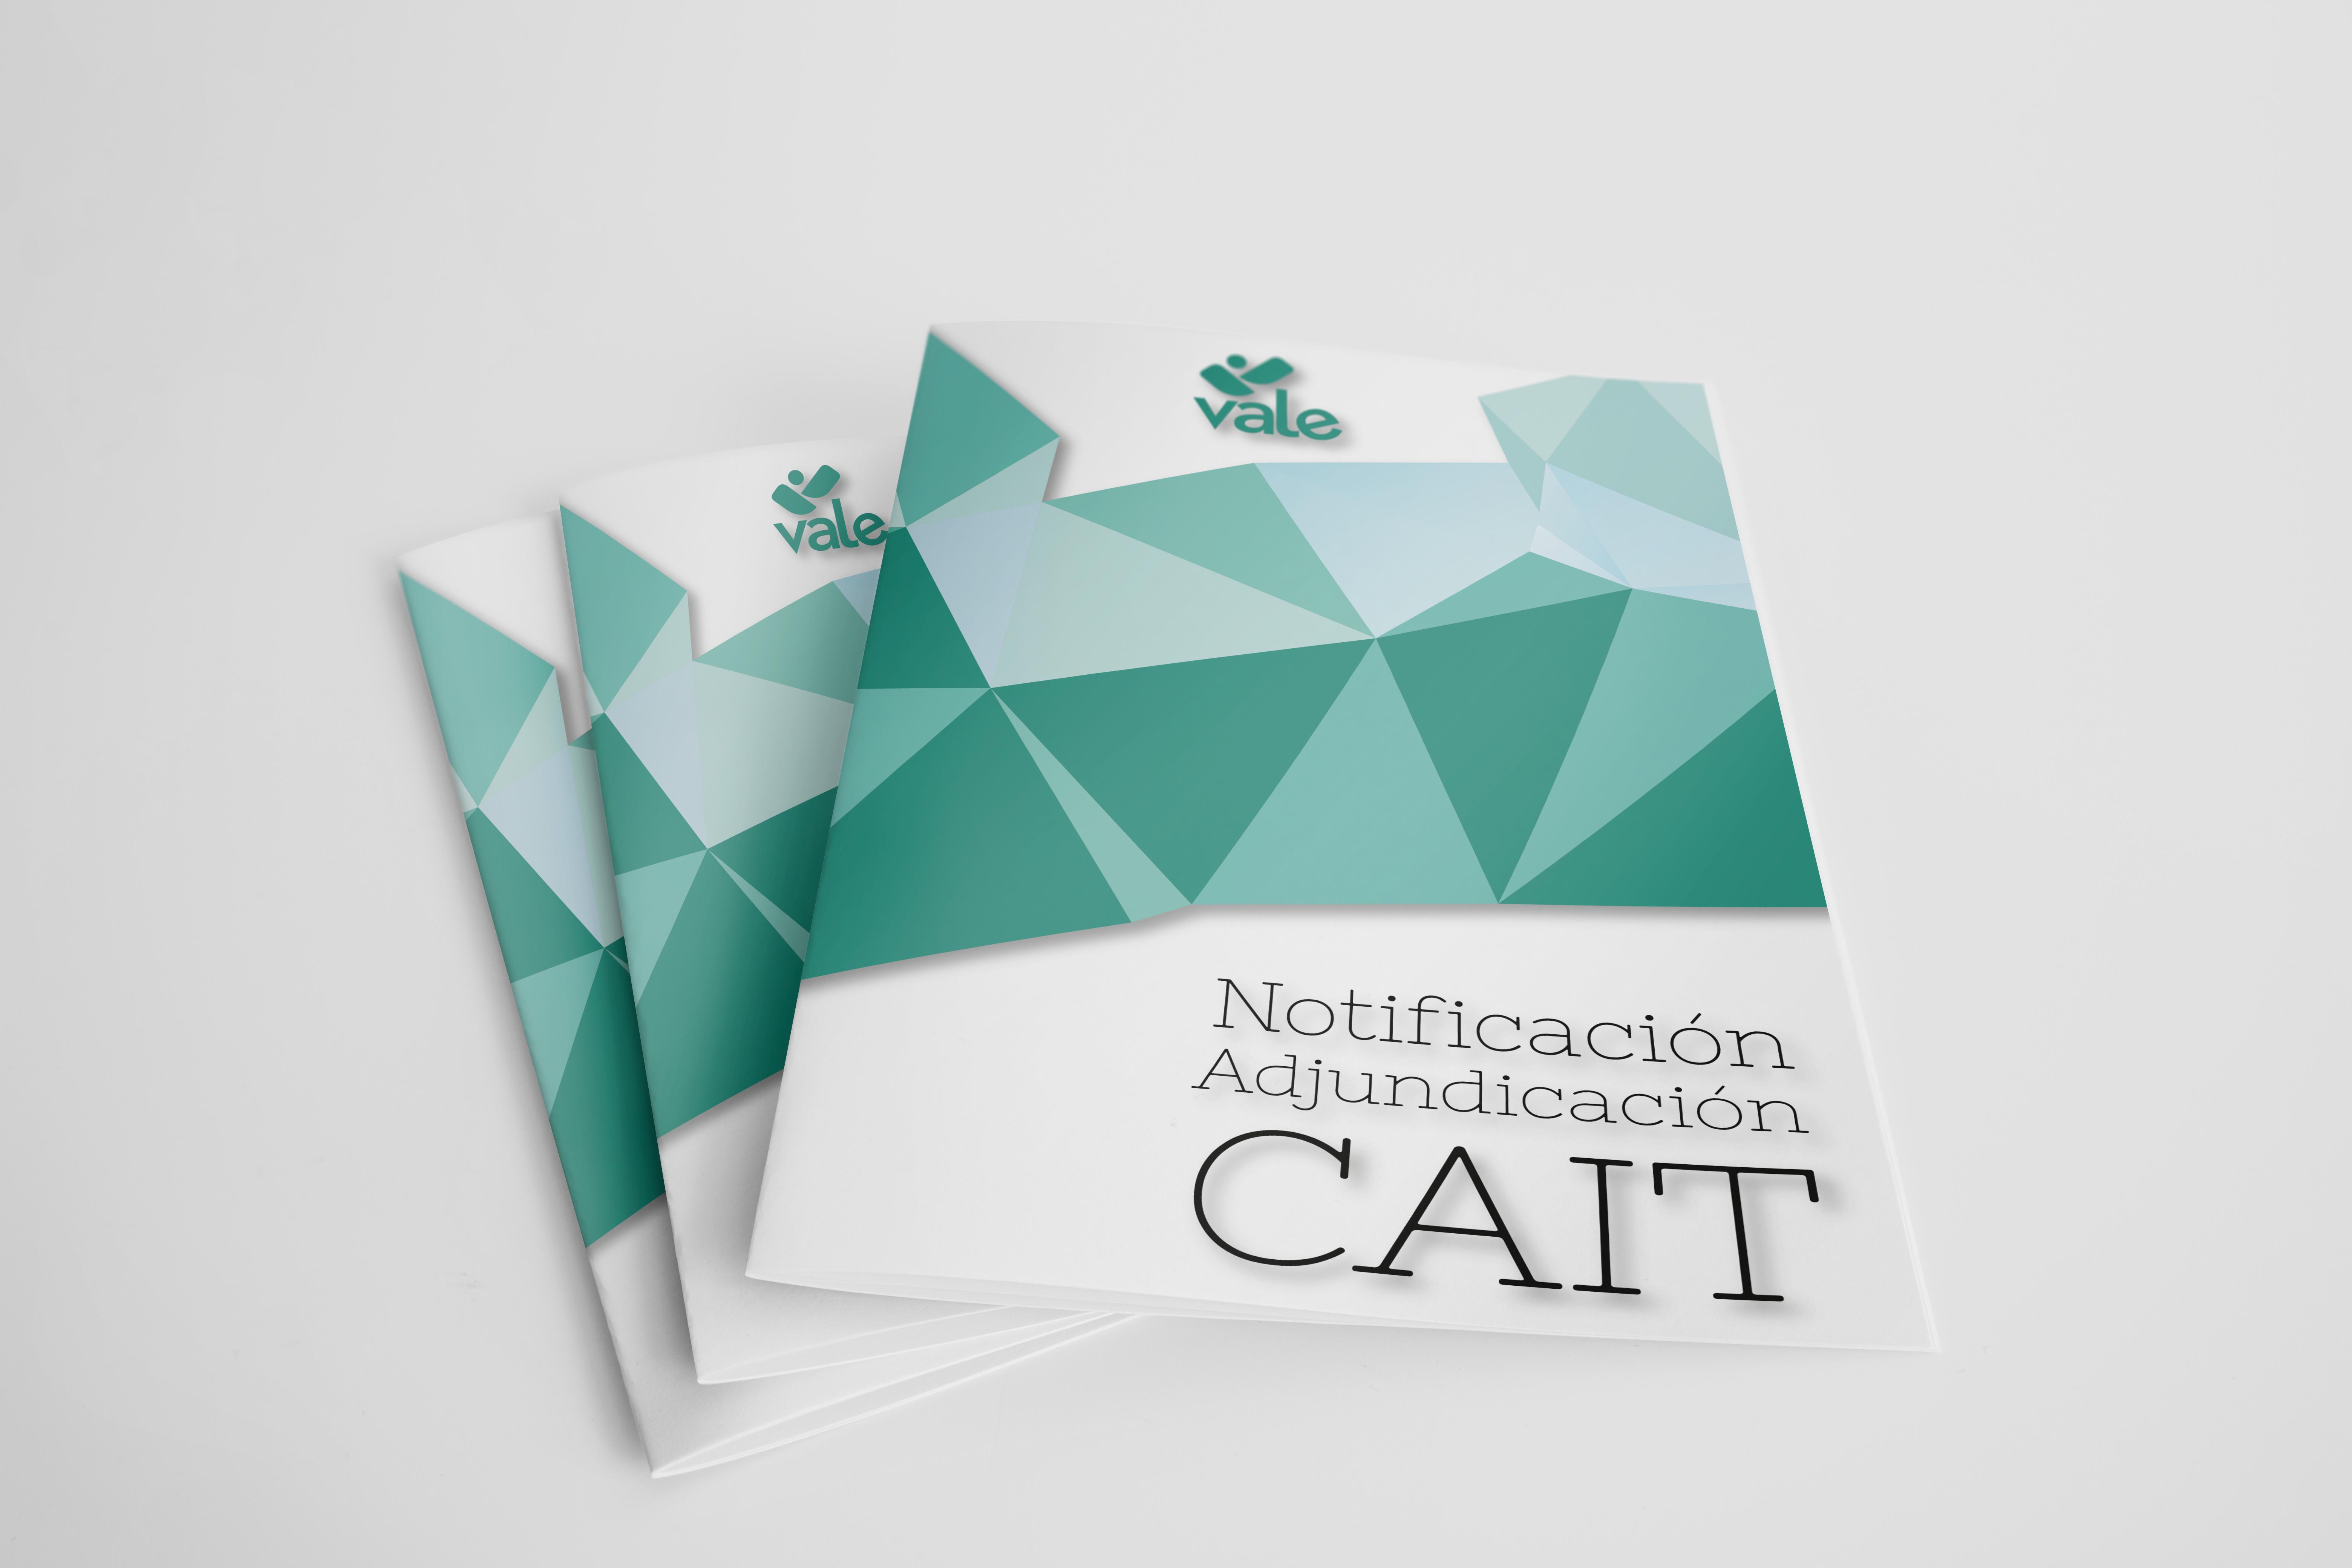 Notificación Adjudicación CAIT